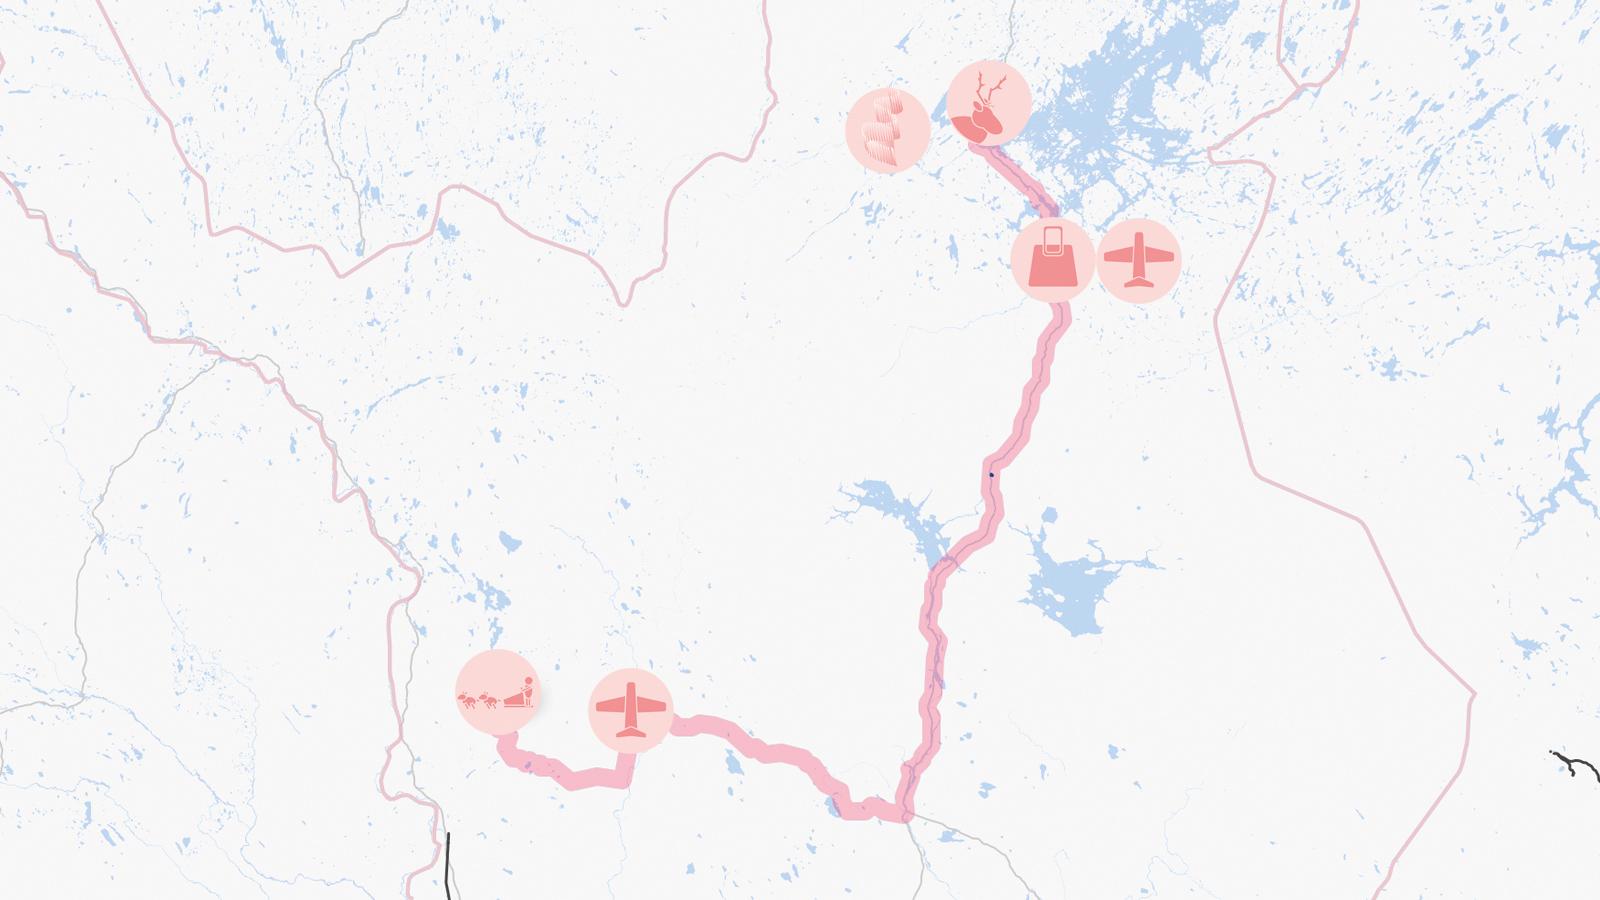 Inari - Ivalo - Kittilä - Äkäslompolo